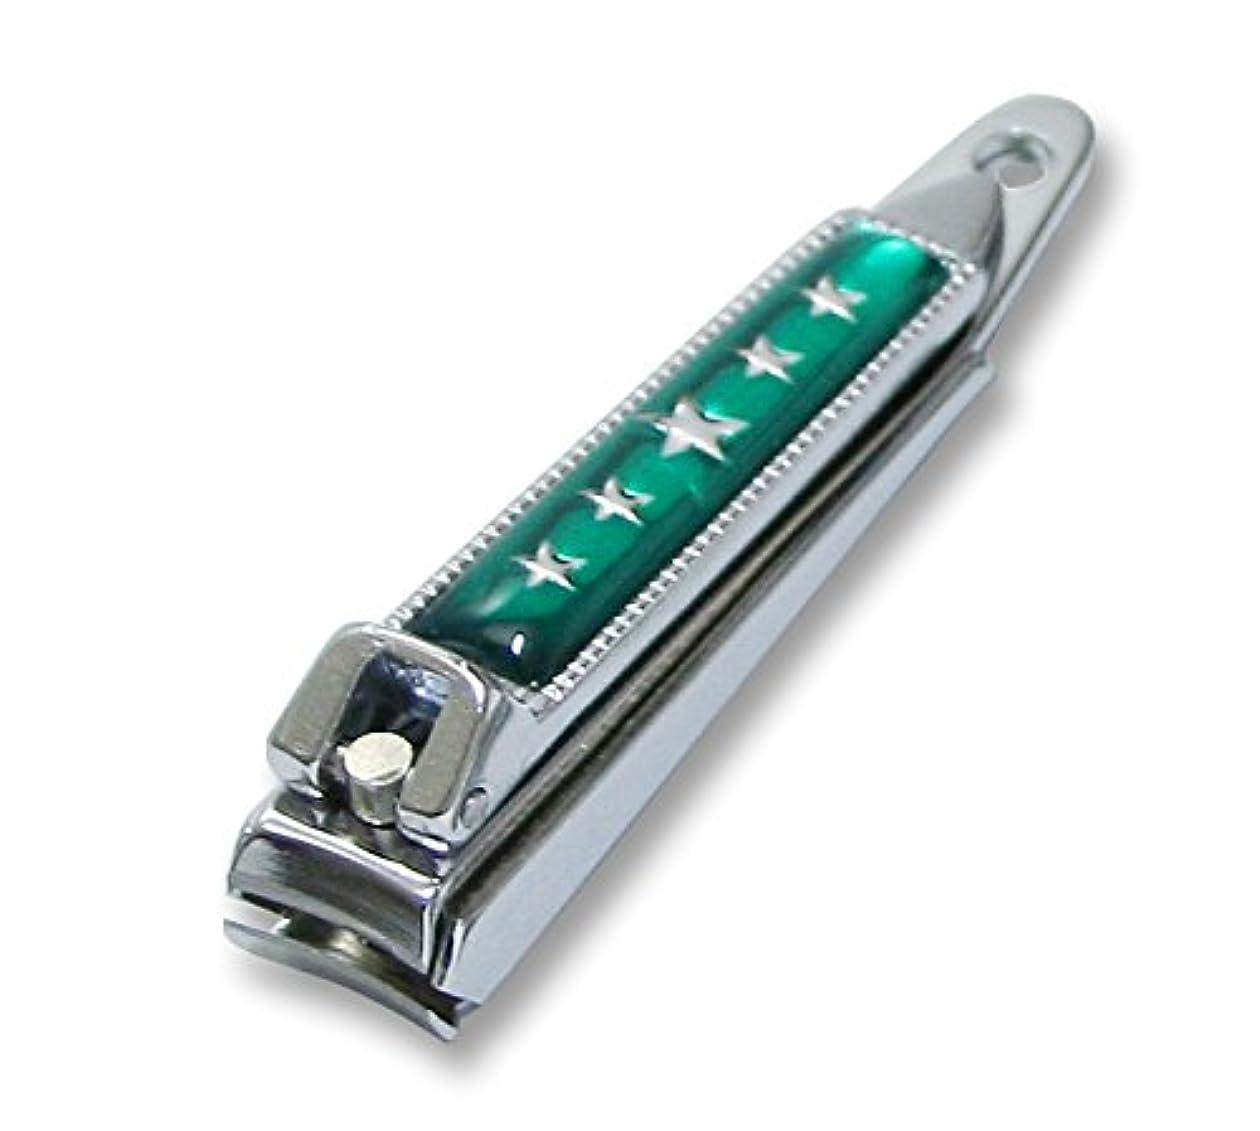 スティーブンソン書き出す赤ちゃんKC-052GR 関の刃物 関兼常 チラーヌ爪切 小 緑